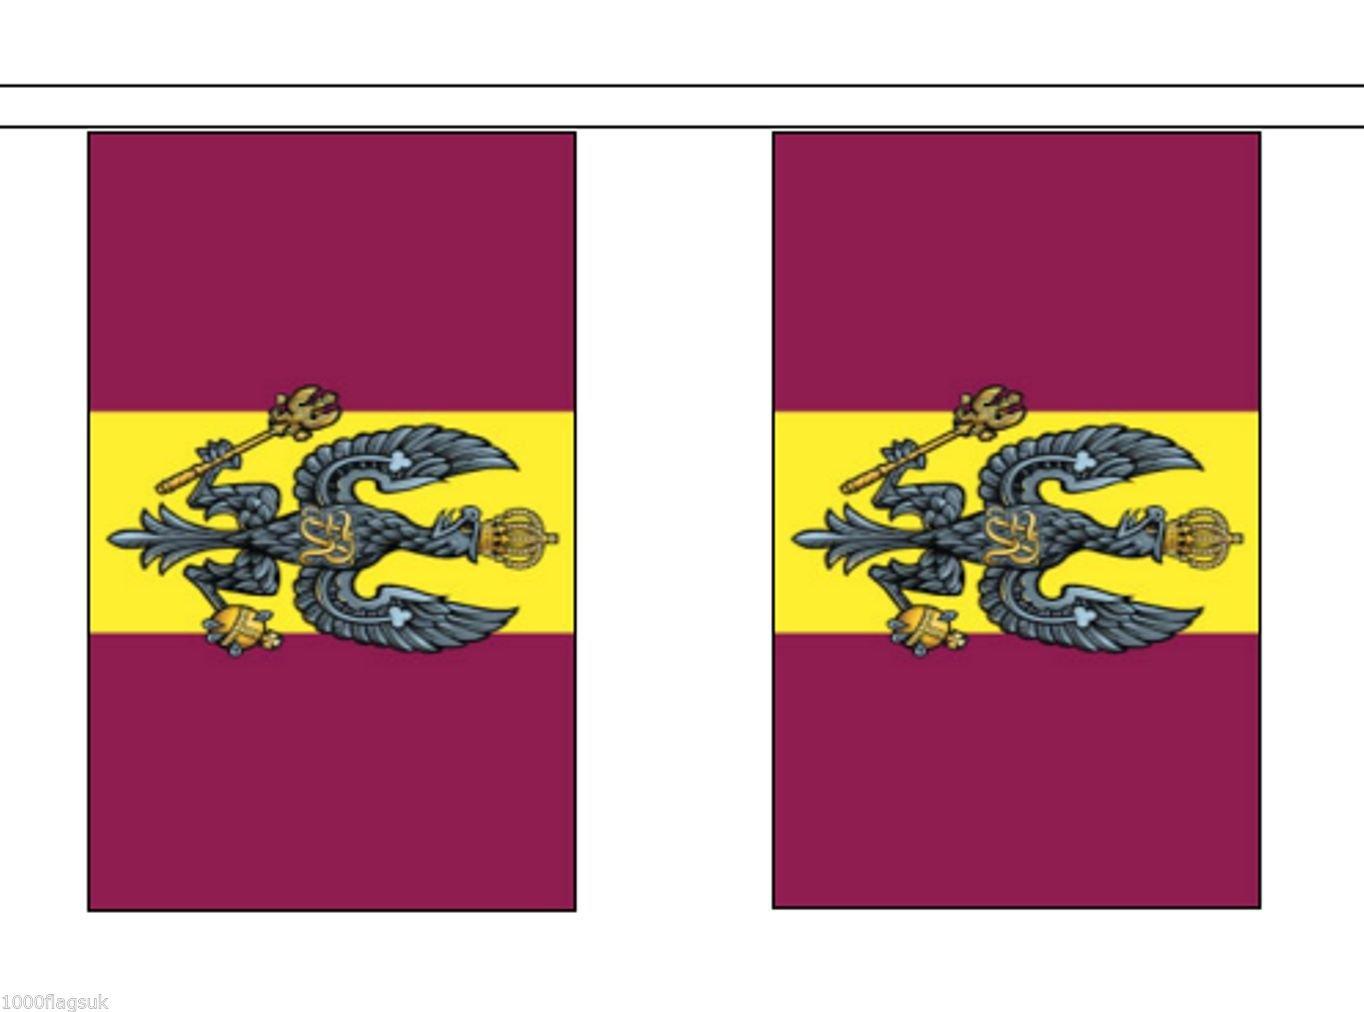 1000 Flags Flags Flags Ejército británico Royal húsares del Rey bandera de poliéster banderines 5 m (16 ') banderines con 14 banderas da9b5a